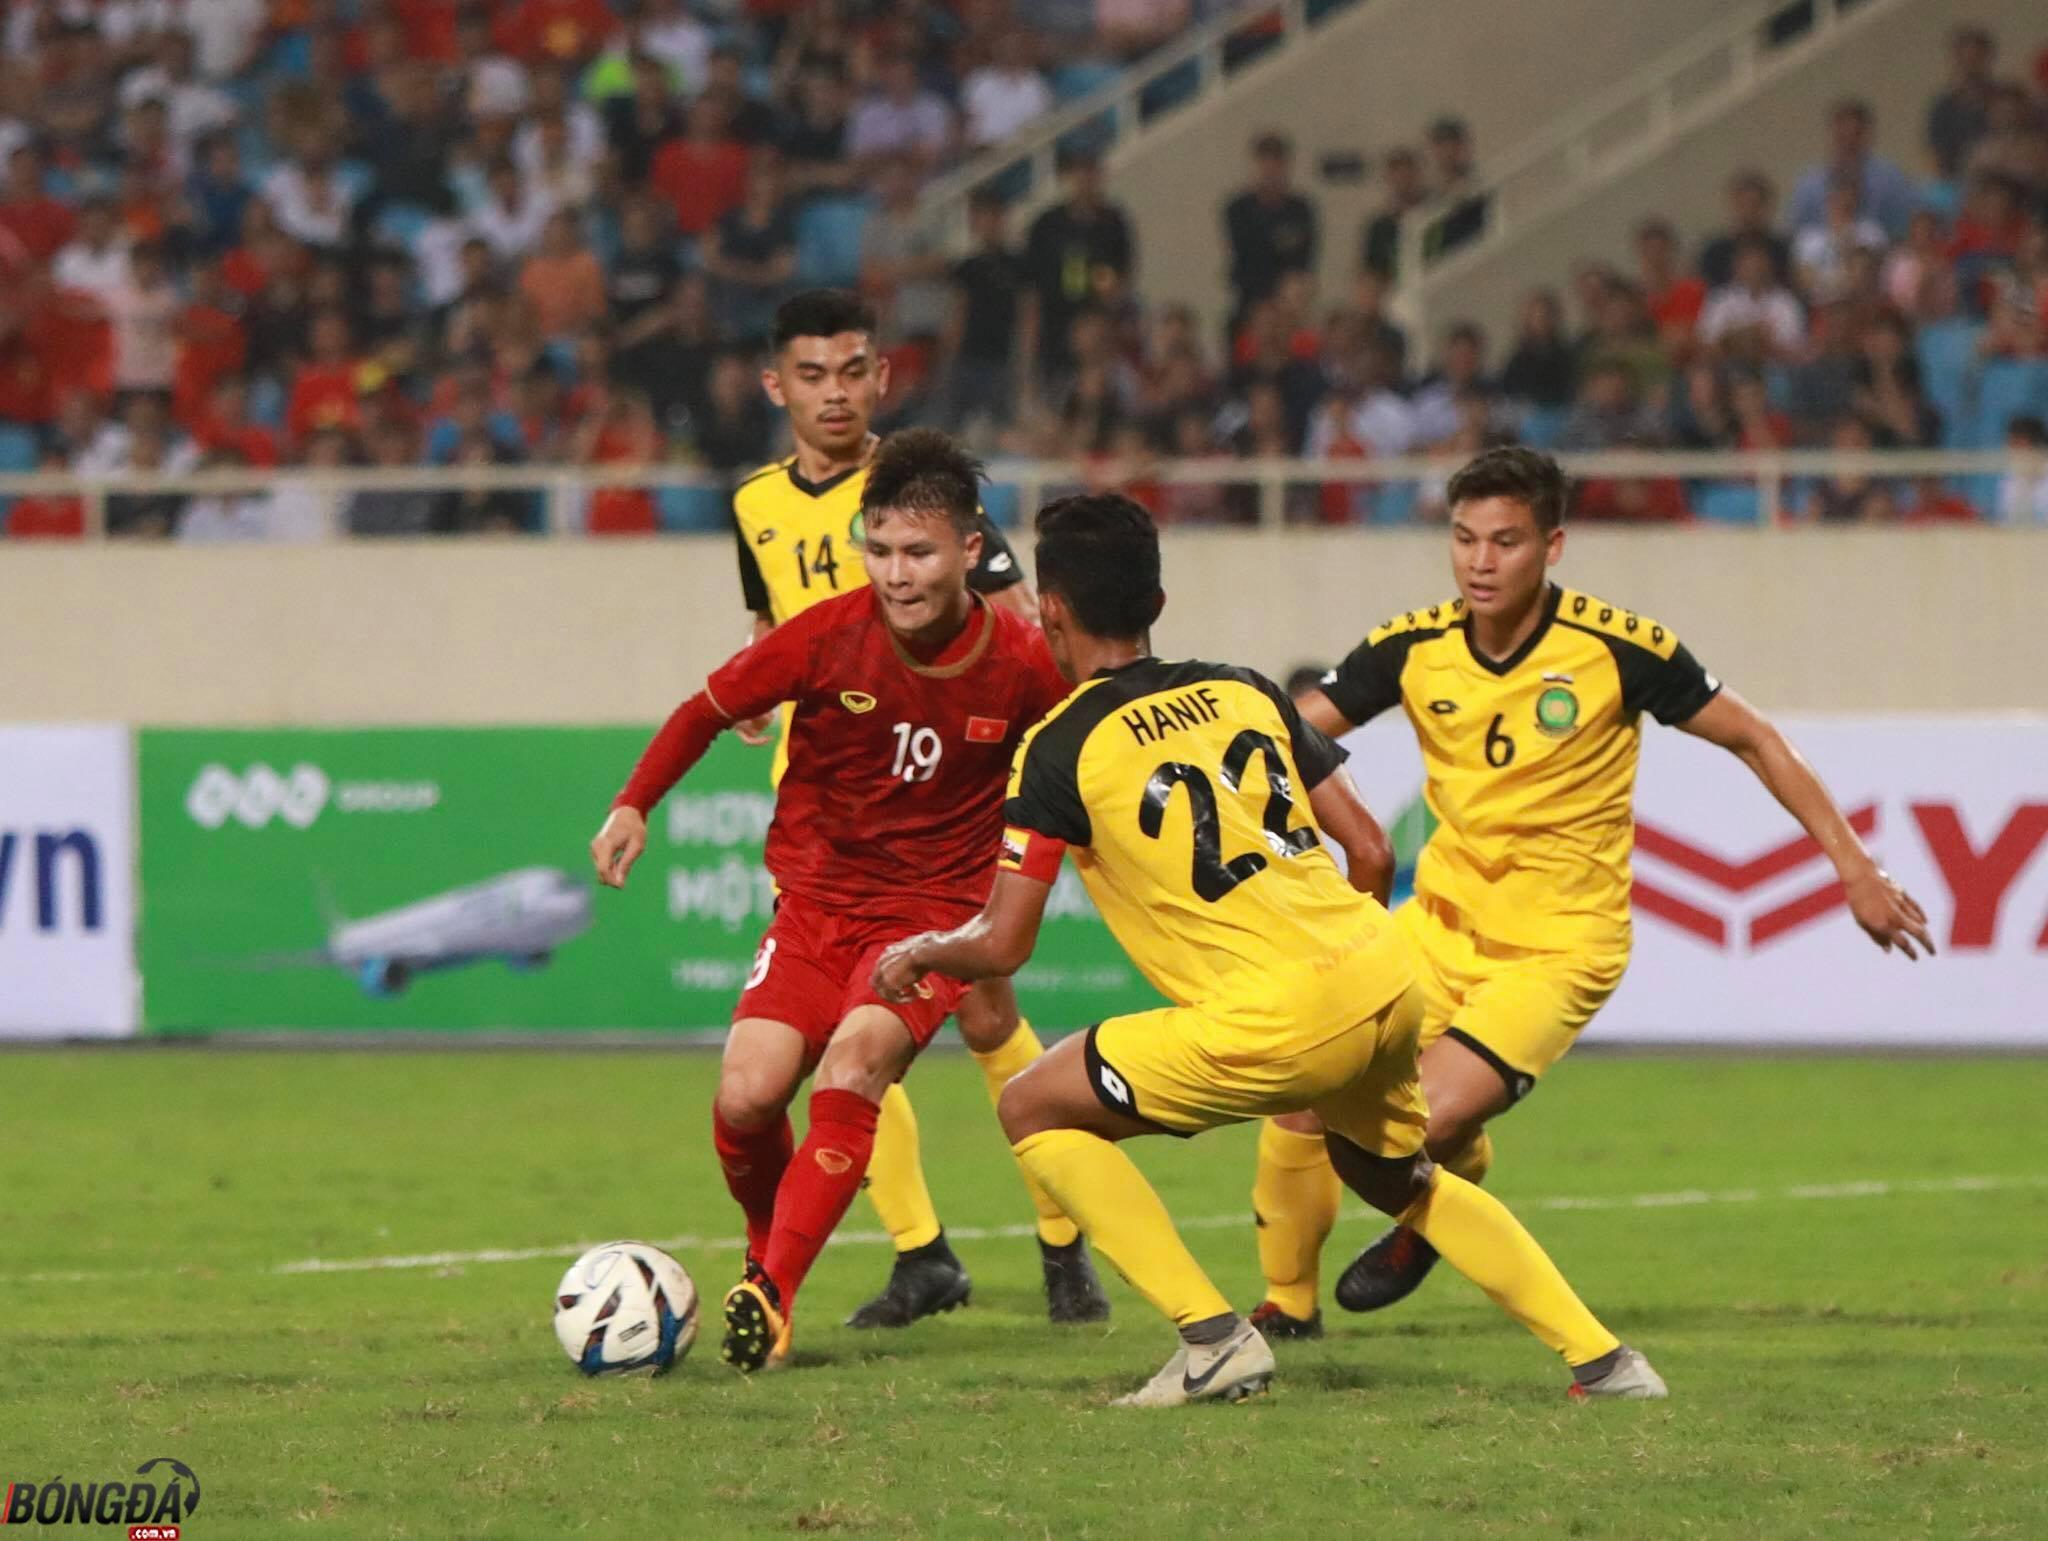 CLB Top 6 Bundesliga nói điều bất ngờ về bóng đá Việt Nam - Hình 1